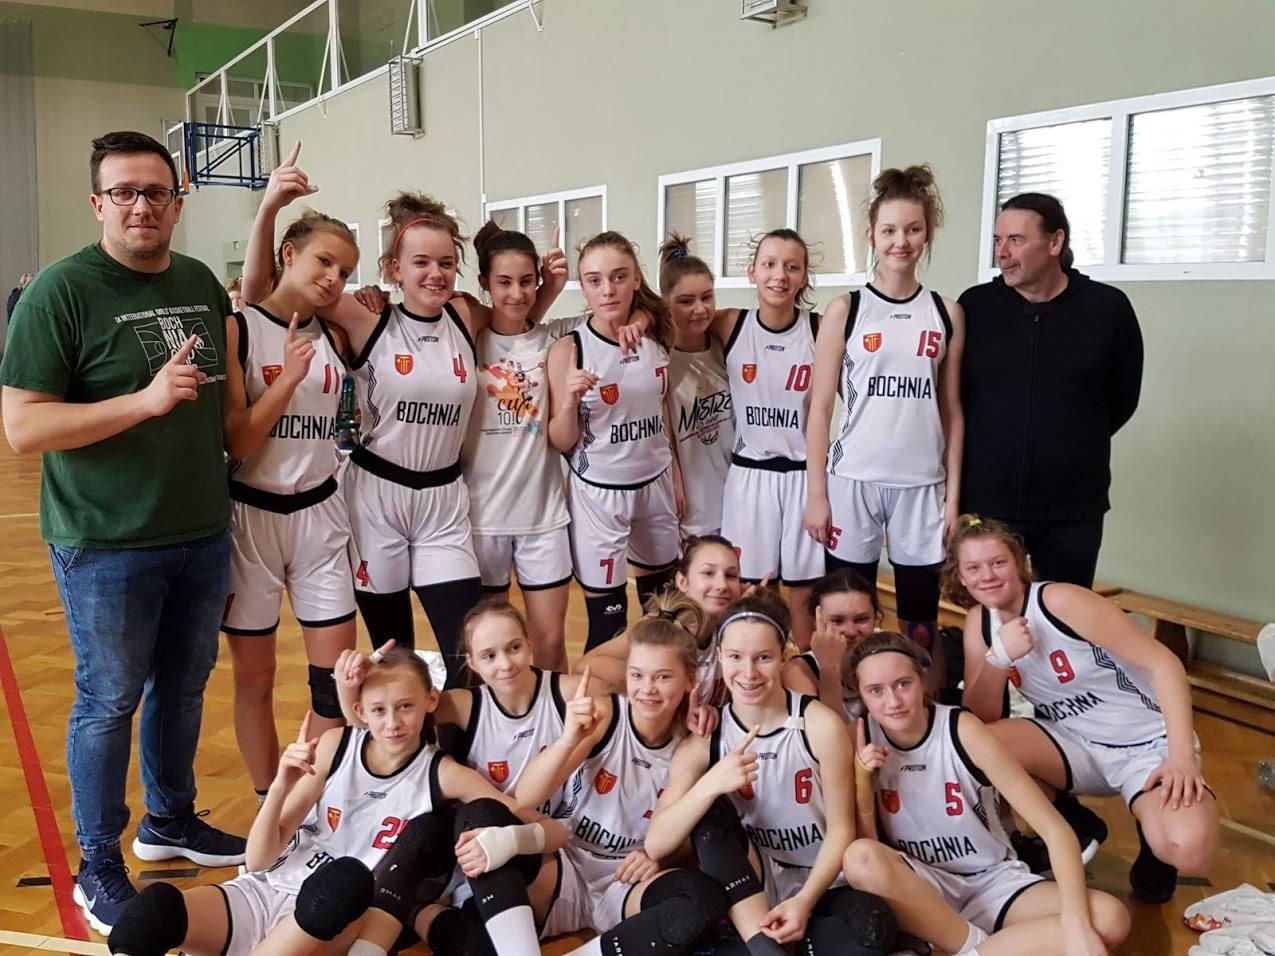 Dwa przekonujące zwycięstwa z Akademią Wisły CANPACK w kategoriach U13 oraz U14!